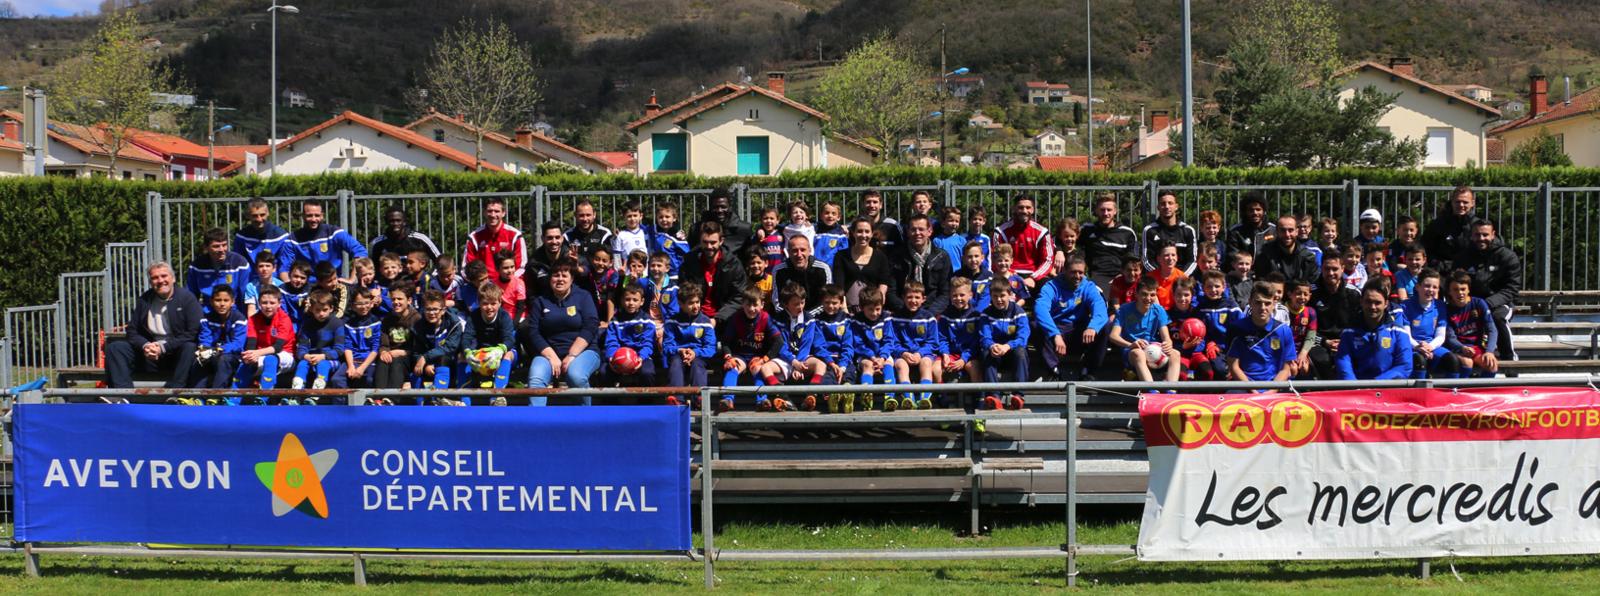 Autour des élus départementaux, les jeunes du SSA ont posé pour la photo souvenir avec les joueurs du Rodez Aveyron Football.